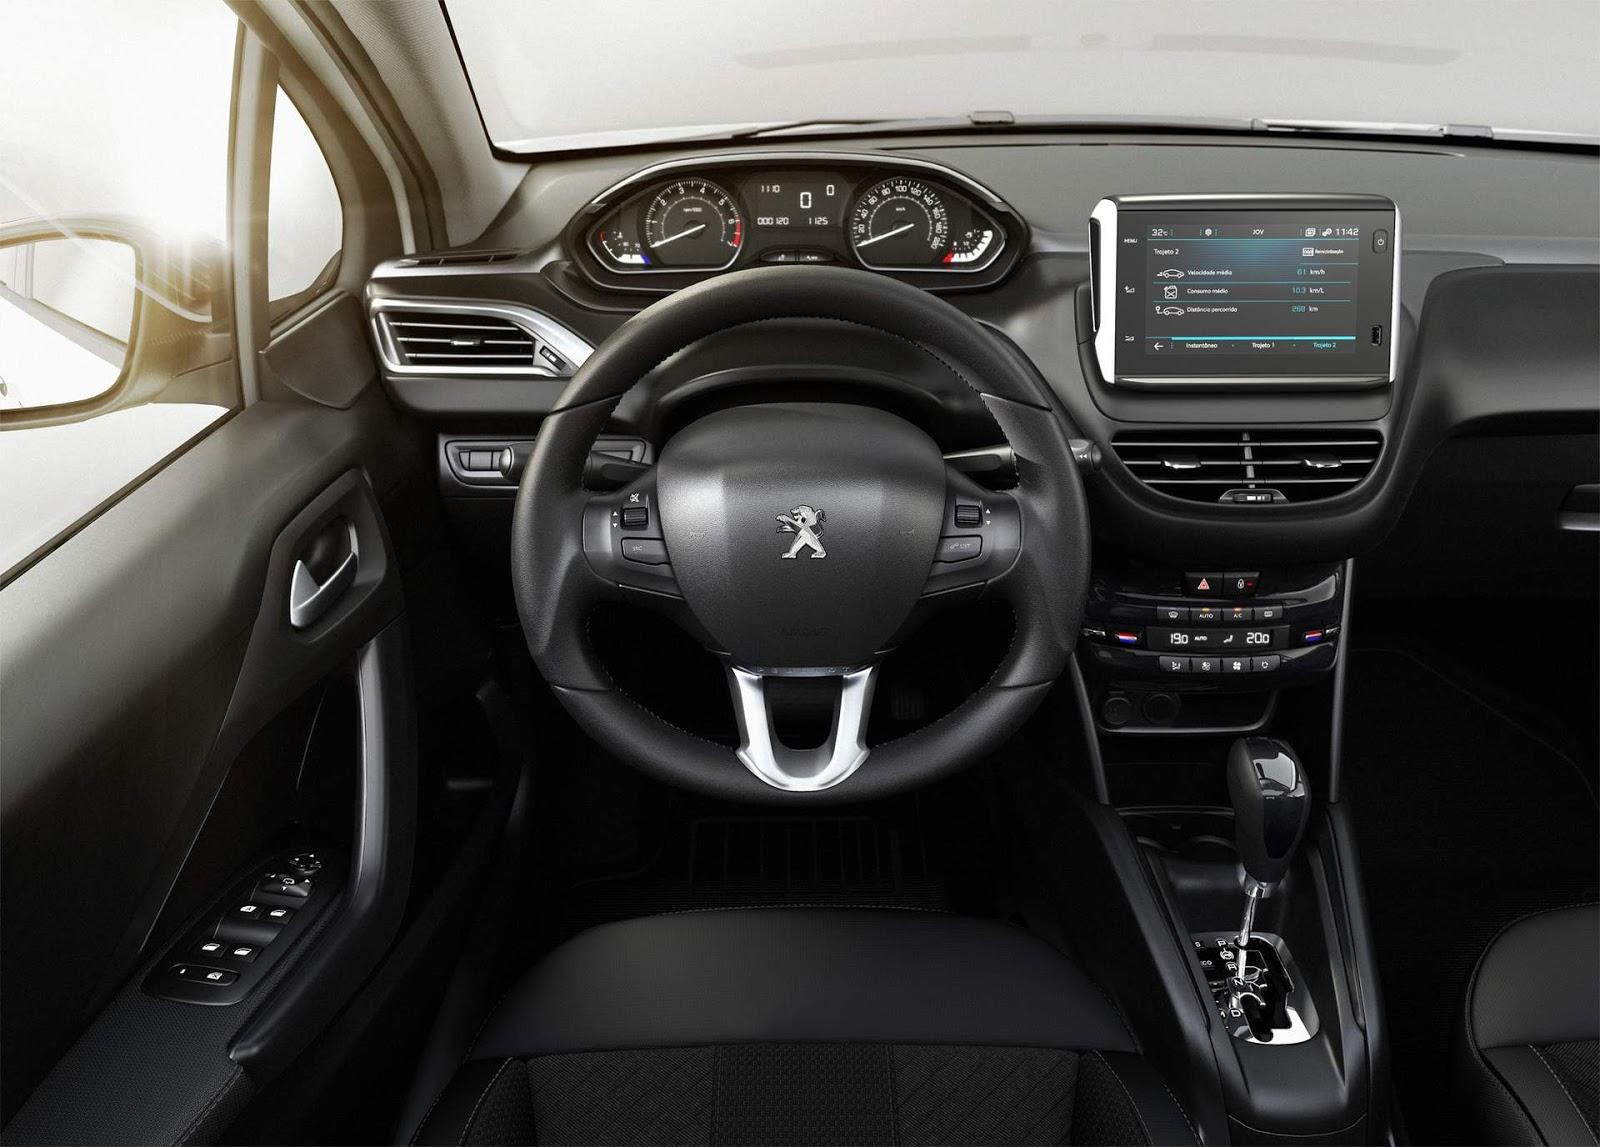 Peugeot 208 autom tico urbantech fotos pre o e detalhes for Peugeot 208 interior 2017